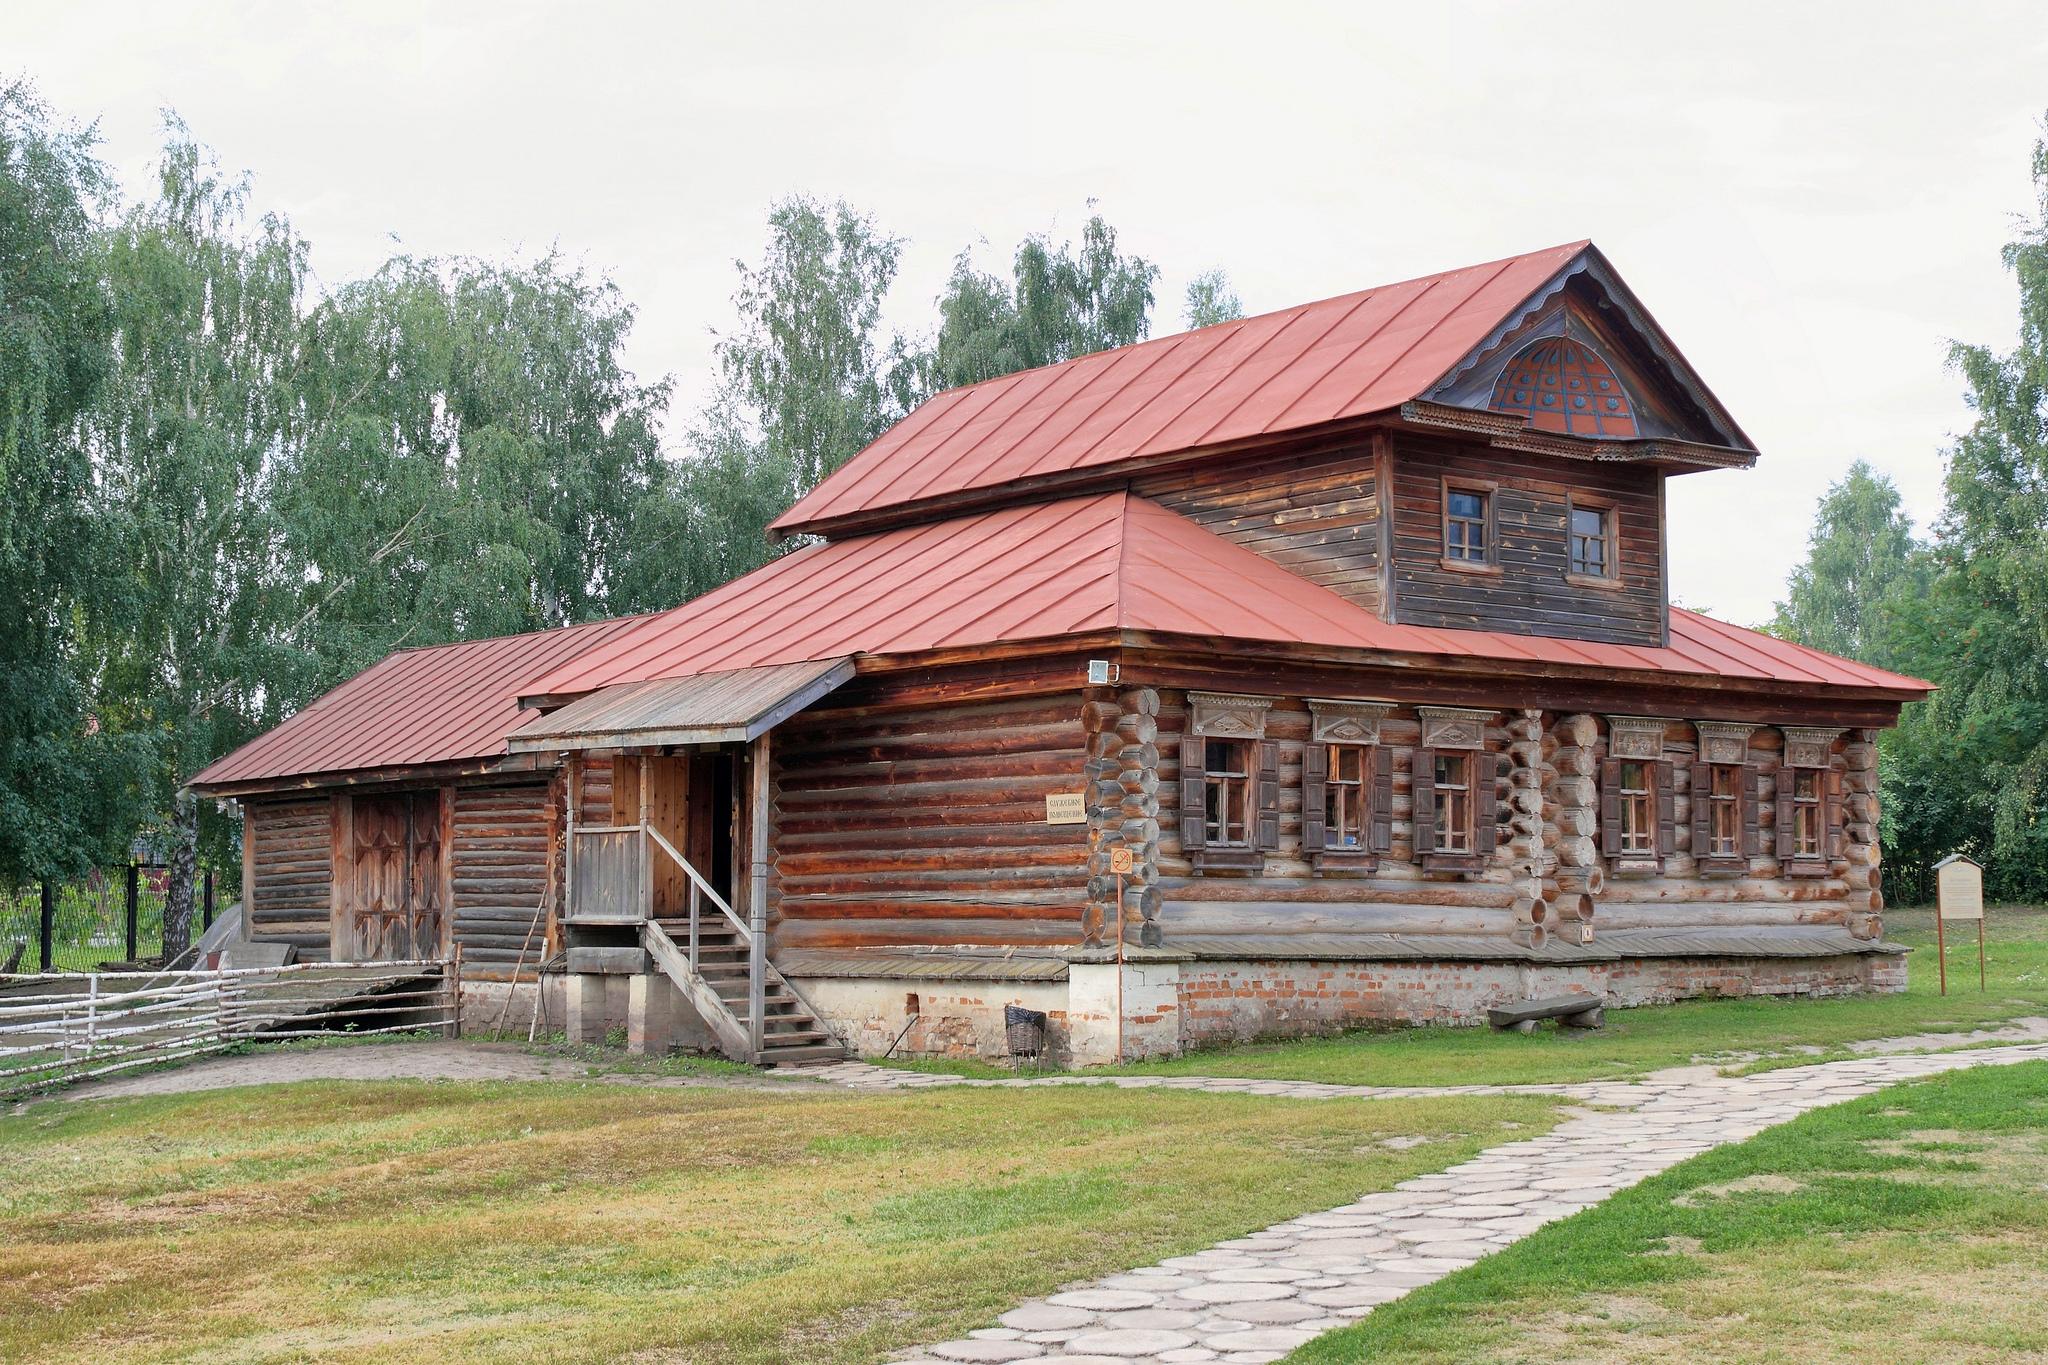 Музей деревянного зодчества в Суздале, дом с мезонином